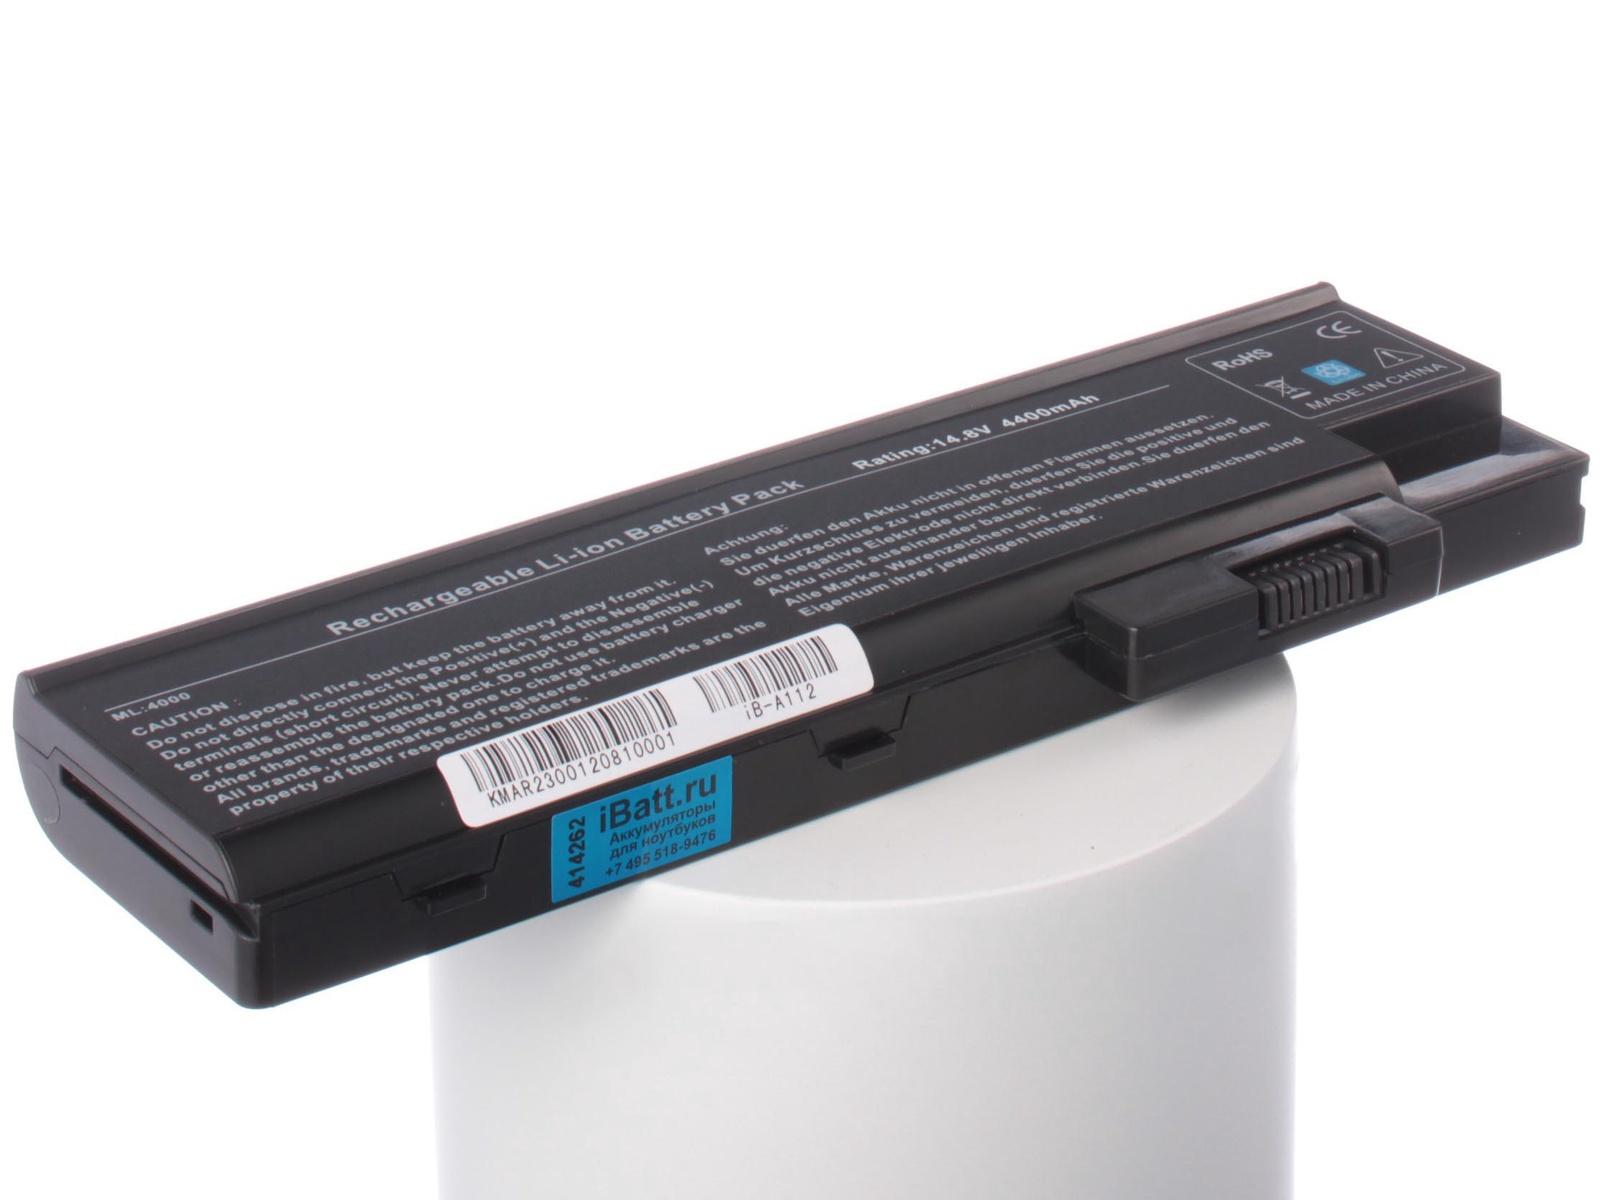 Аккумулятор для ноутбука iBatt для Acer Extensa 2300, Aspire 1694WLMi, Aspire 3505, Aspire 5005, TravelMate 2313WLC, Aspire 3510, Aspire 5002WLMi, Aspire 3003, TravelMate 4001LMi, Aspire 1682, Aspire 1691, Aspire 1696WLMi